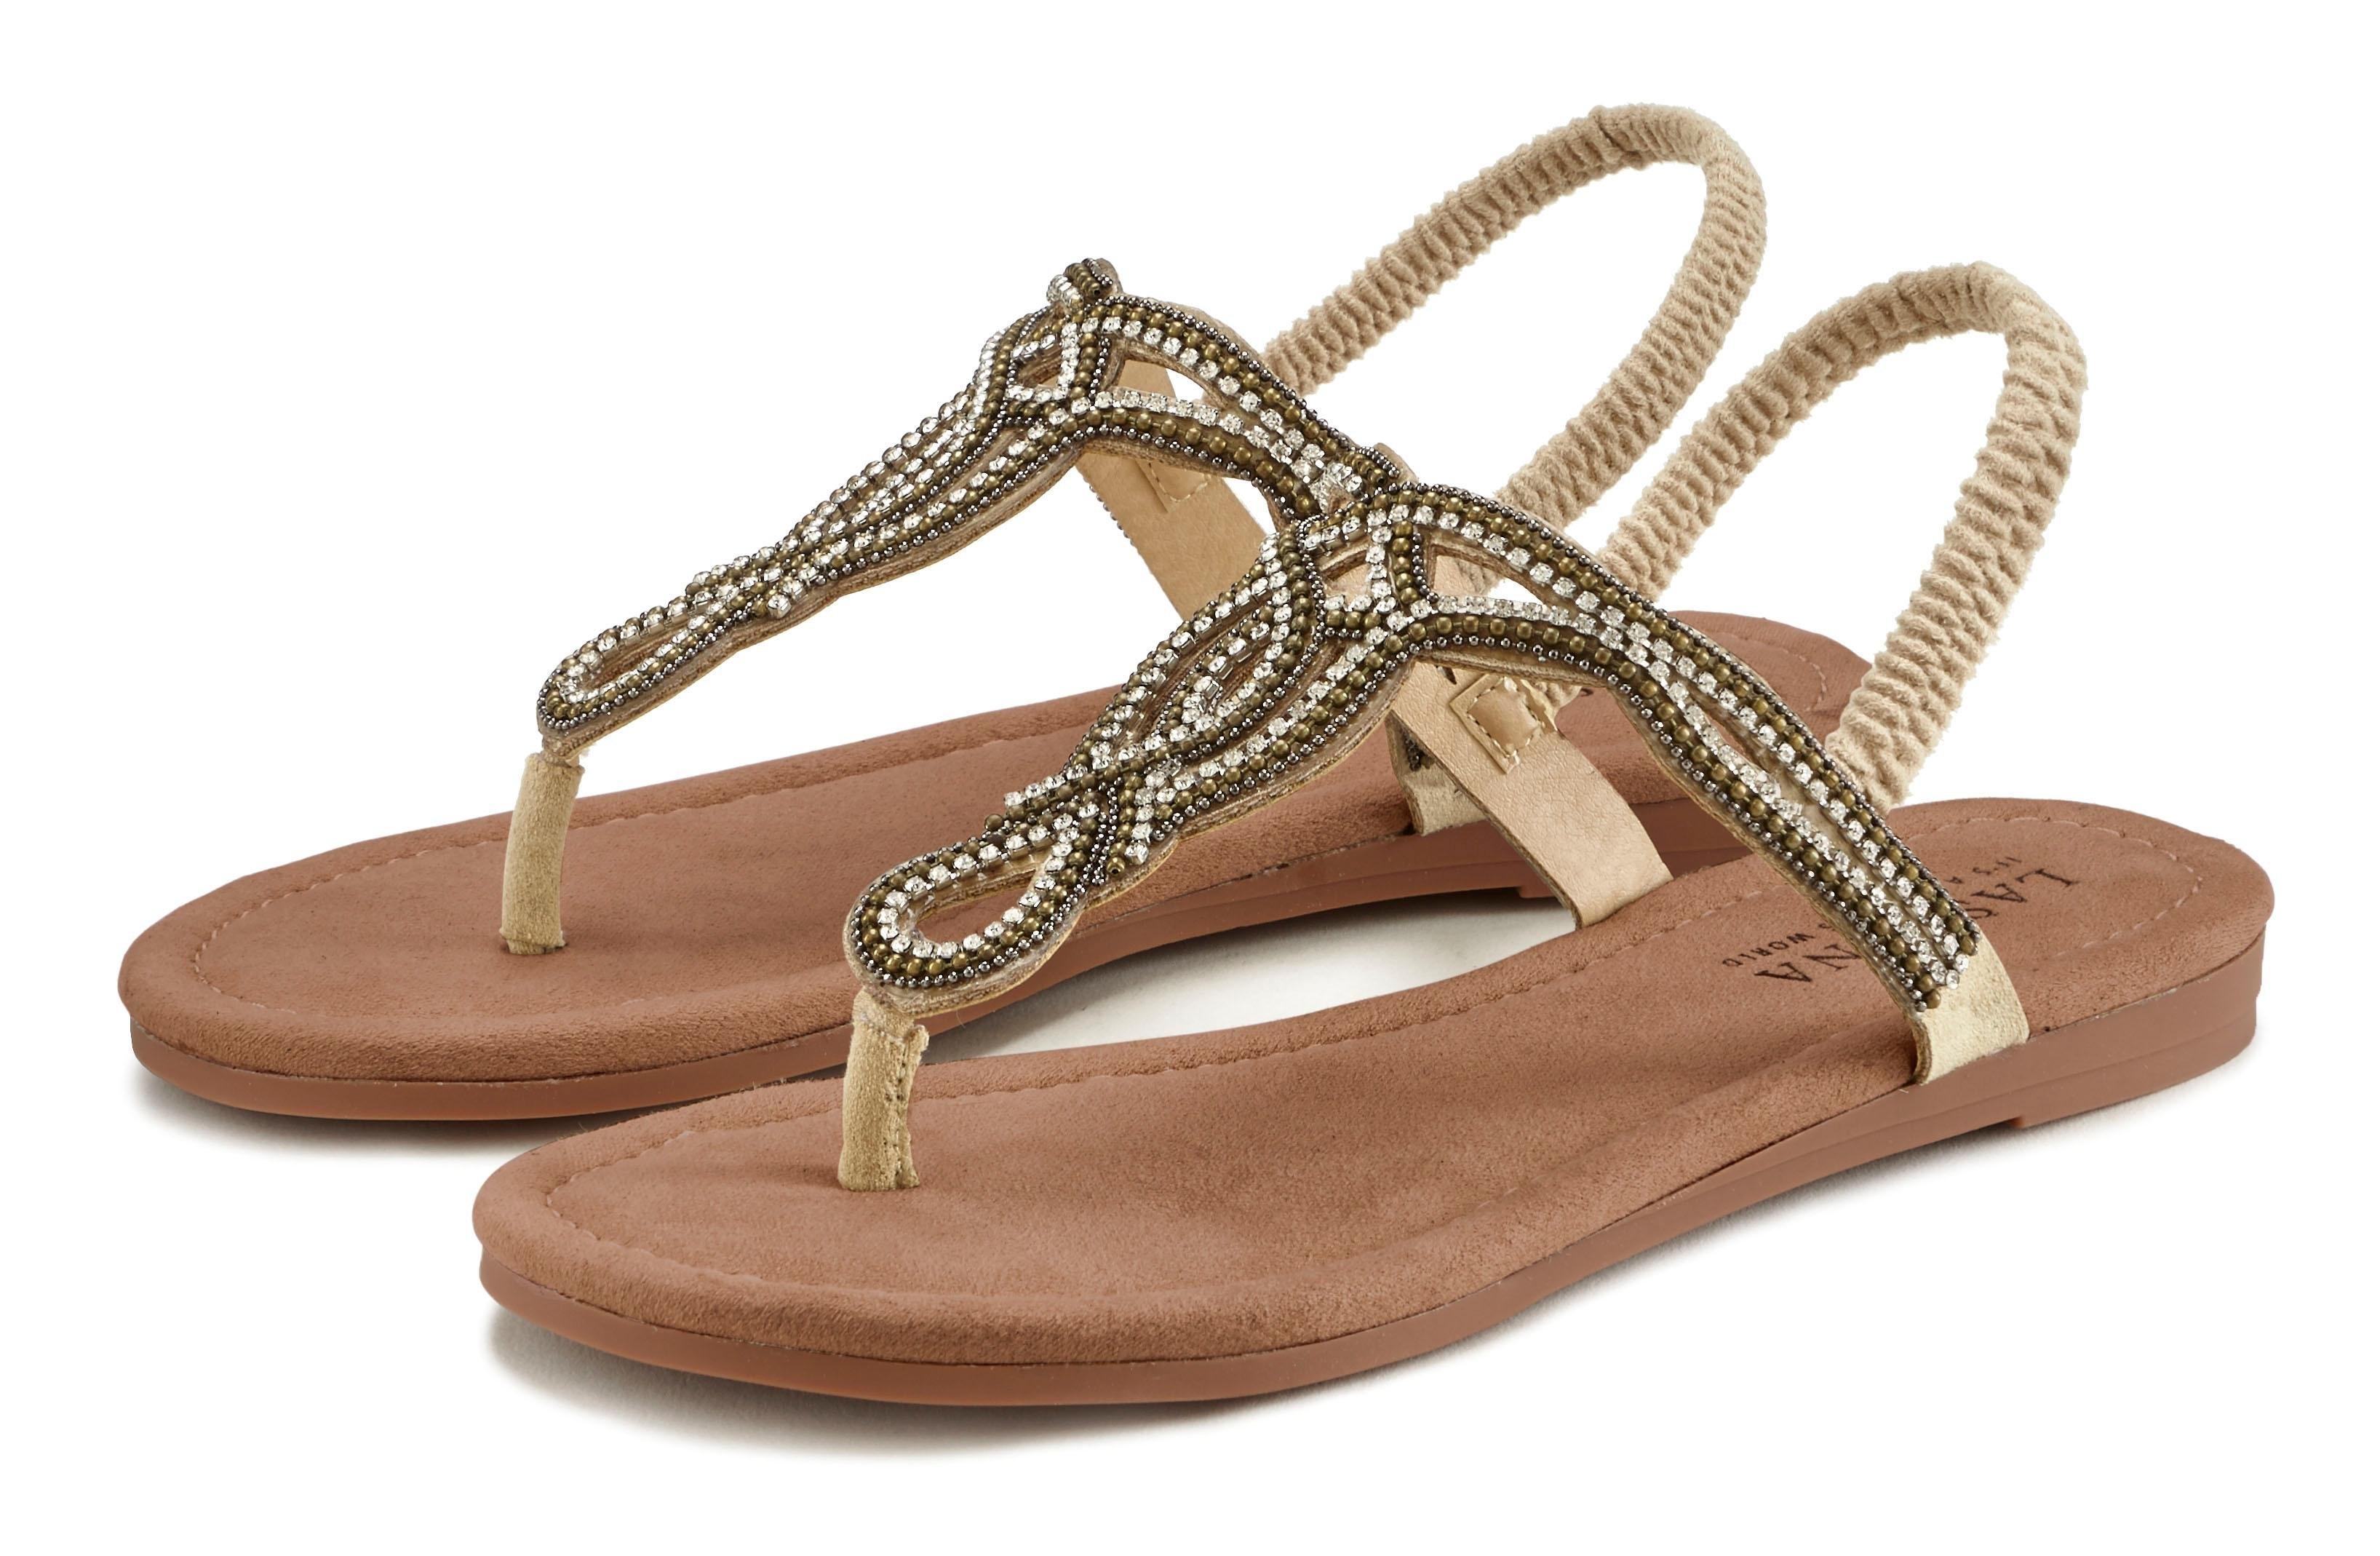 LASCANA sandalen - verschillende betaalmethodes